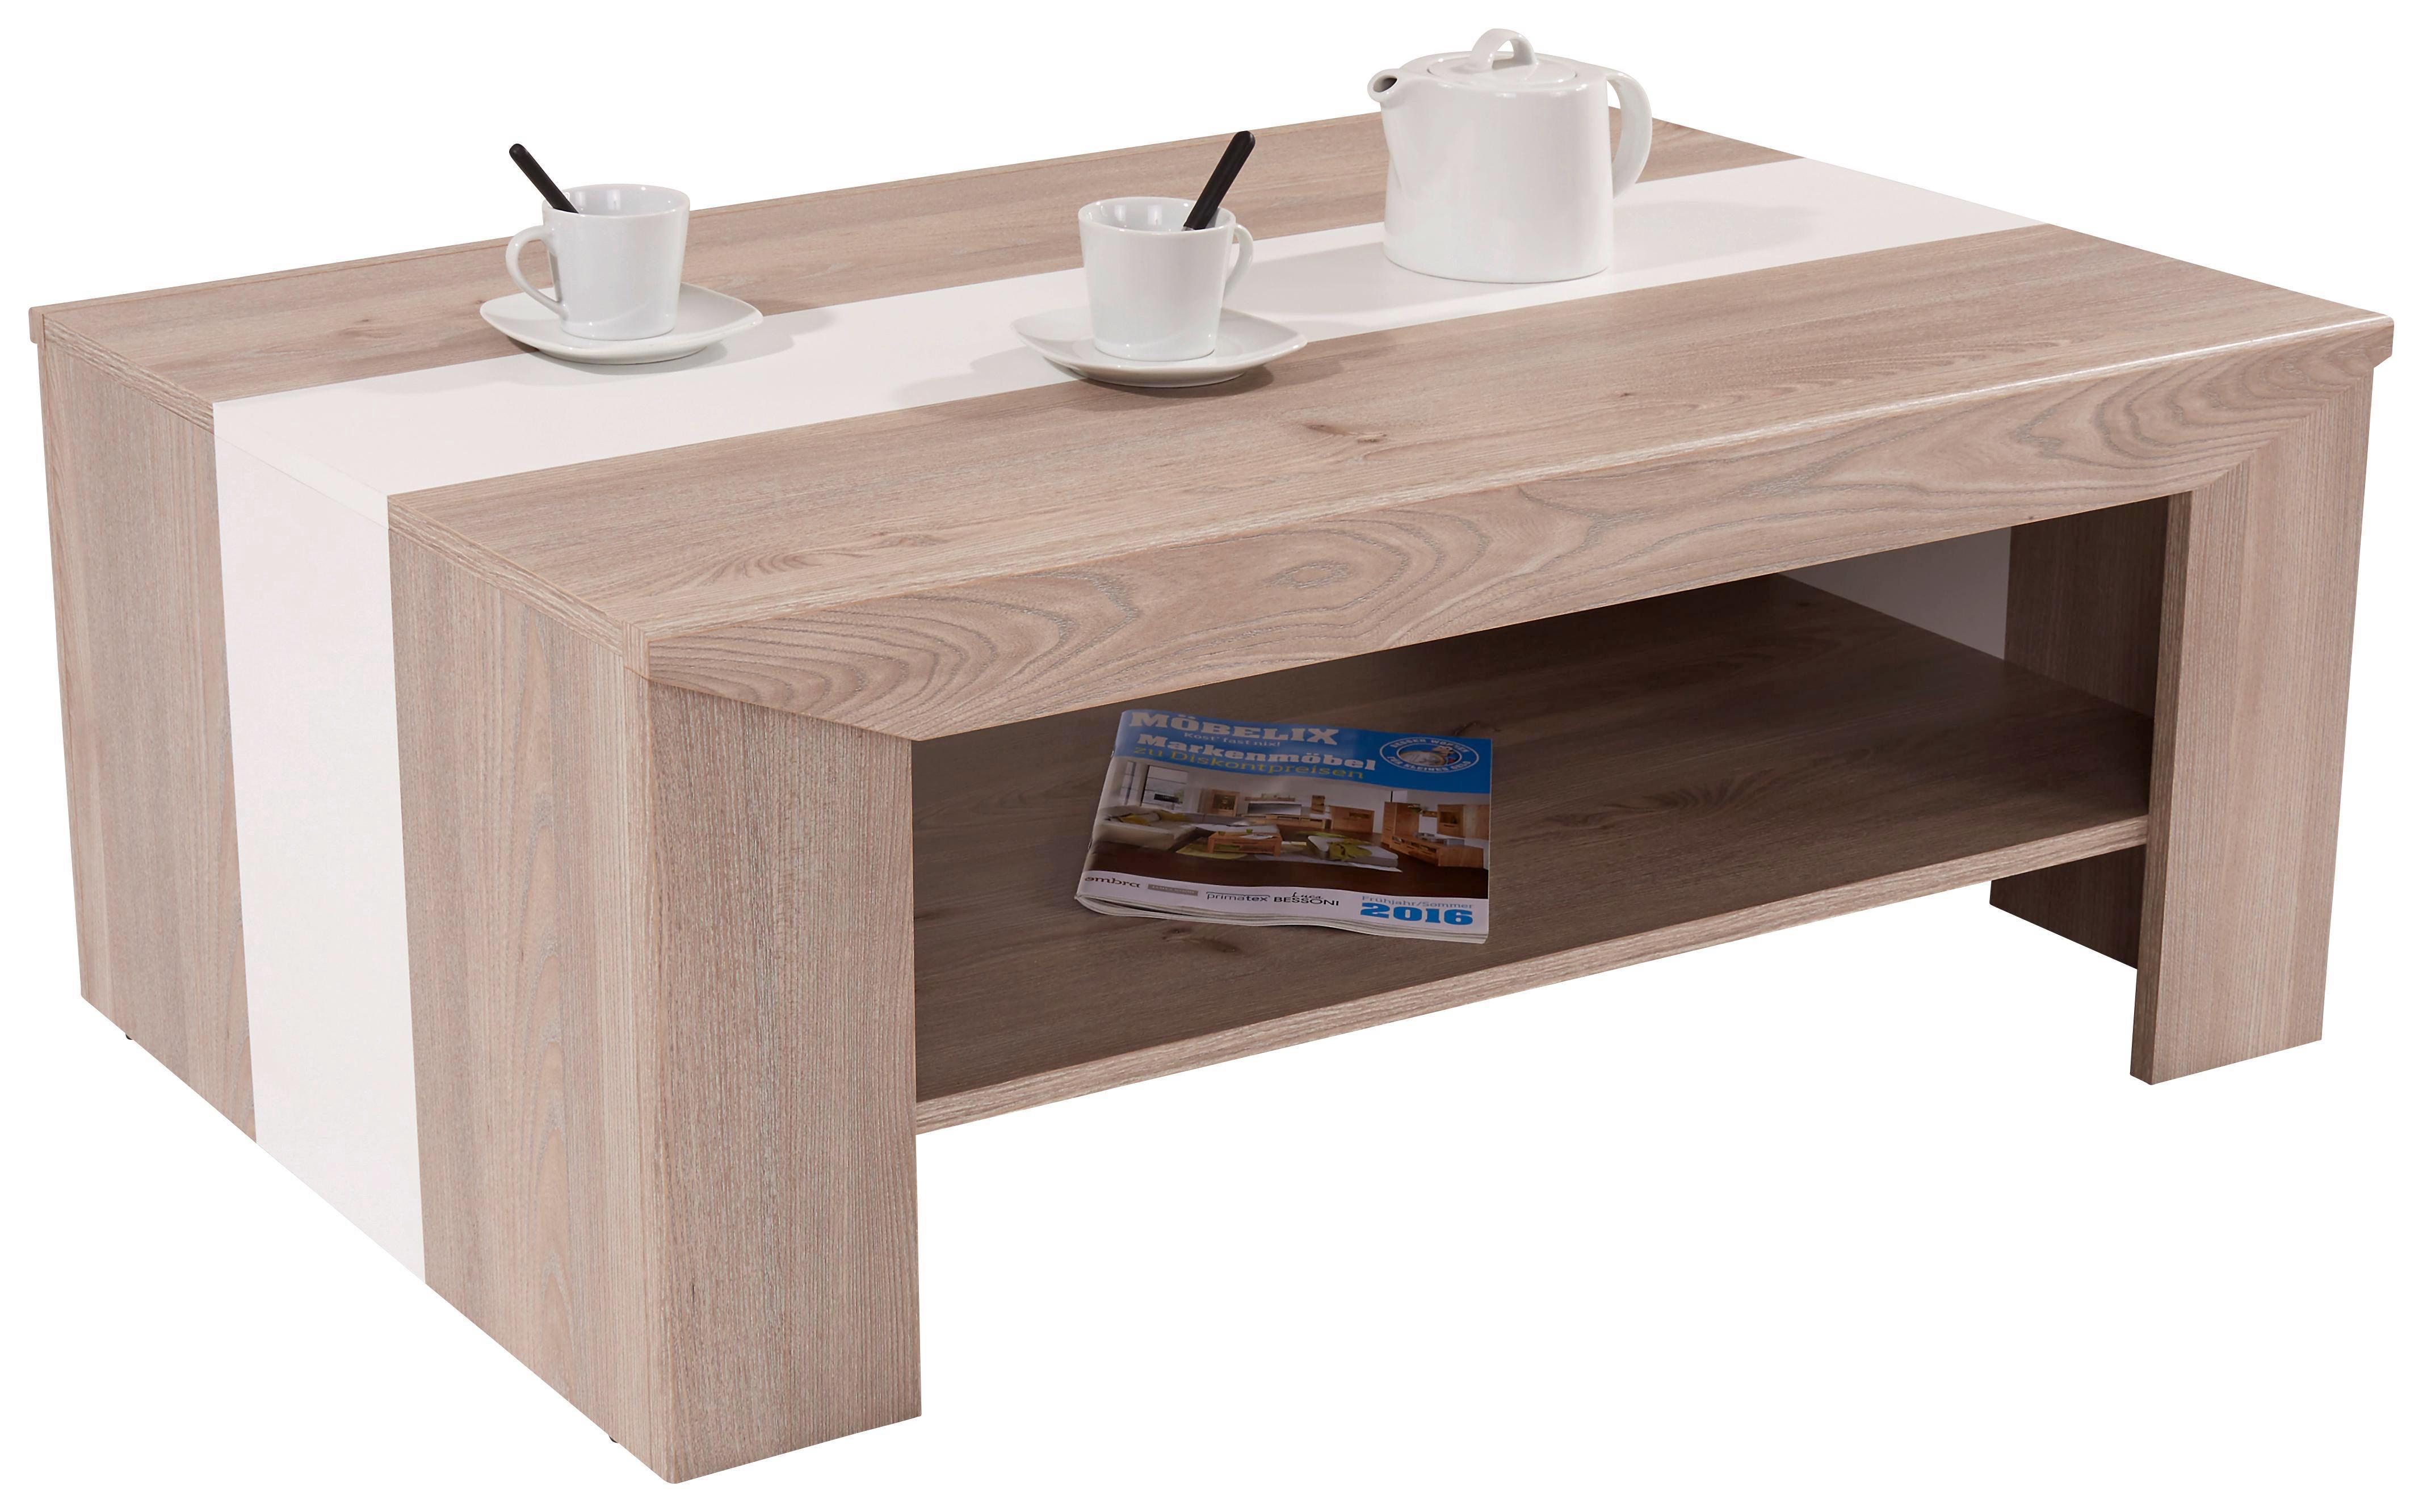 Dohányzóasztal Madras - szürke tölgy dekor/fehér, konvencionális, faanyagok (110/40/70cm) - OMBRA